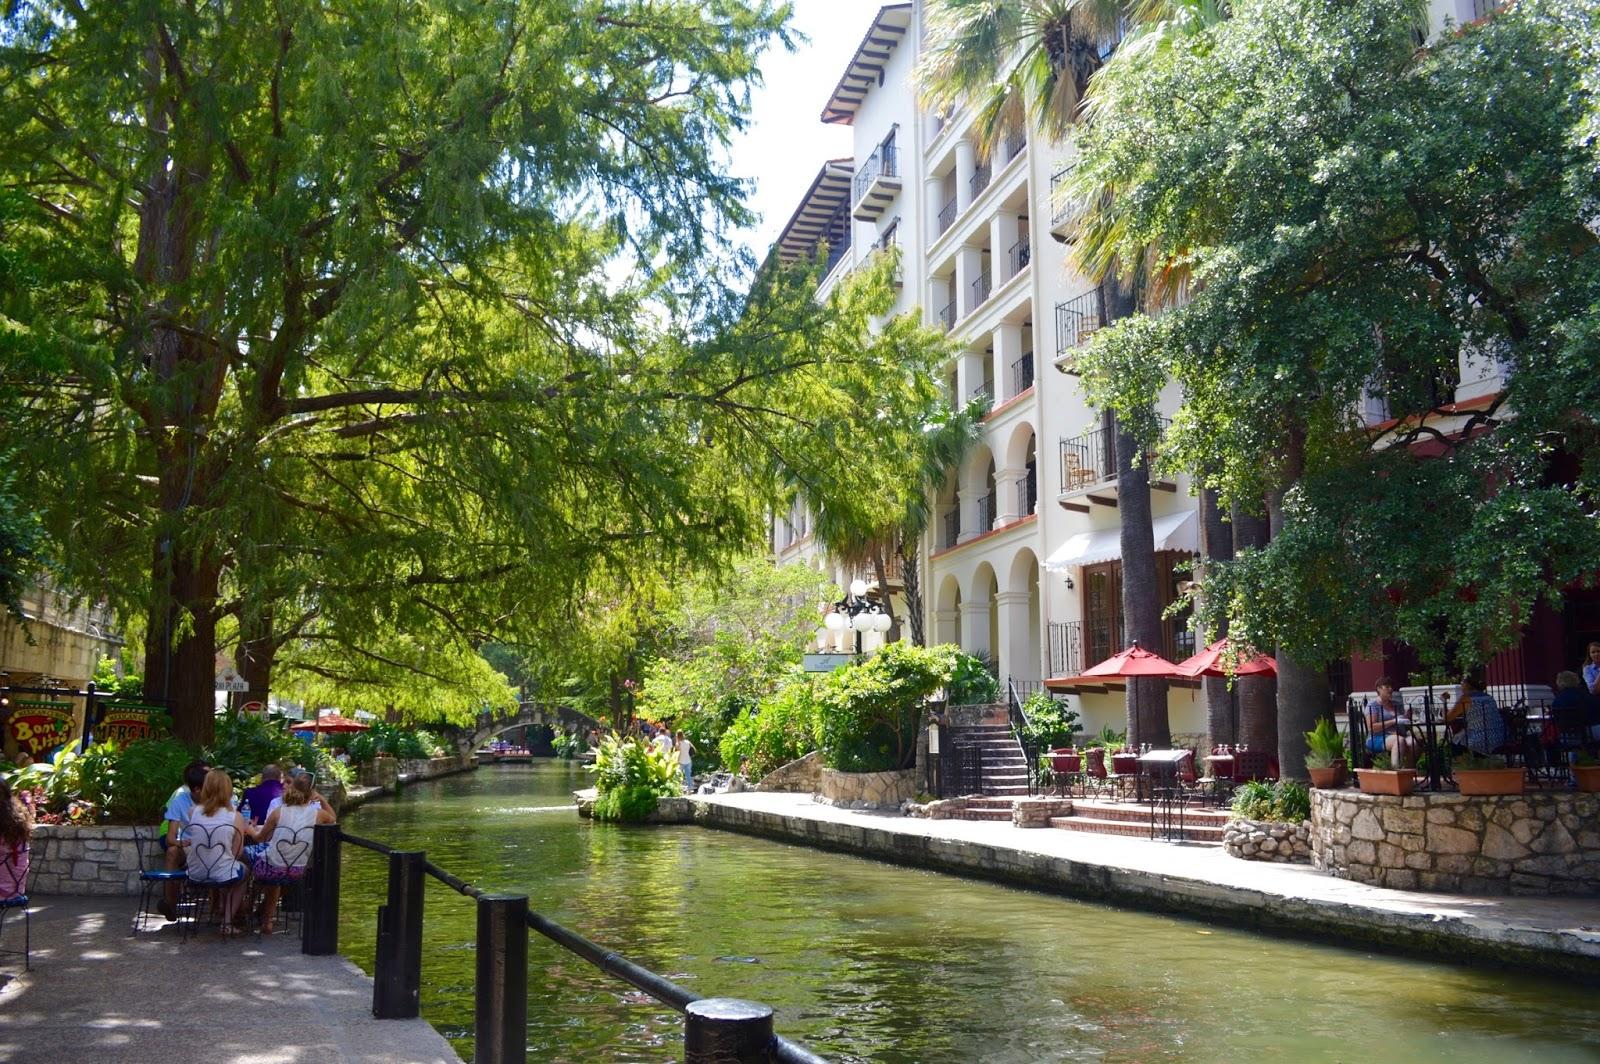 RiverWalk San Antonio